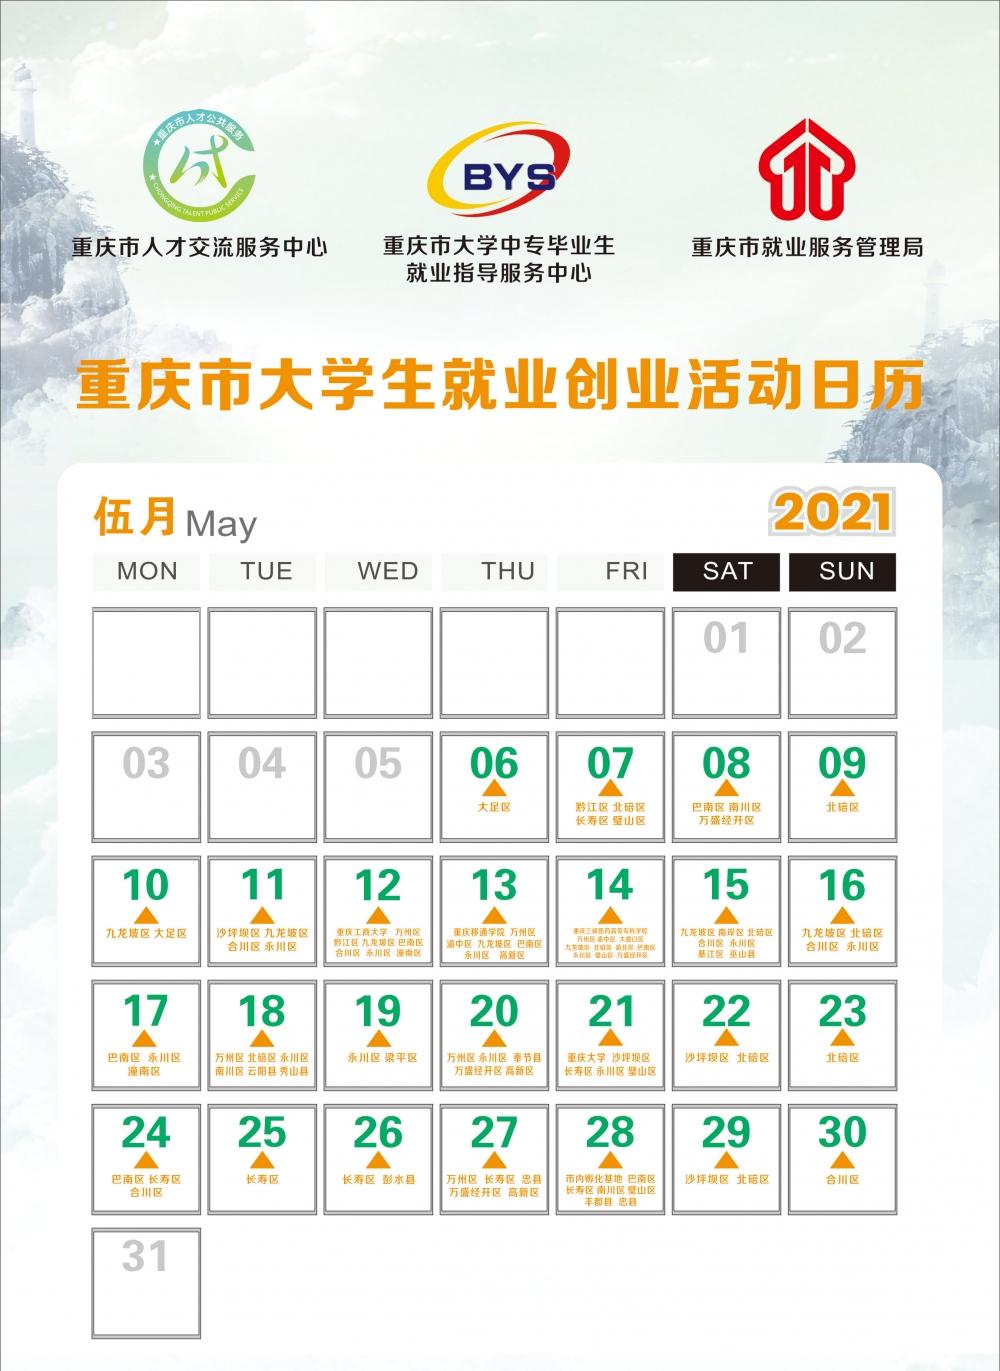 @重庆大学生 5月100余场就业创业活动了解一下